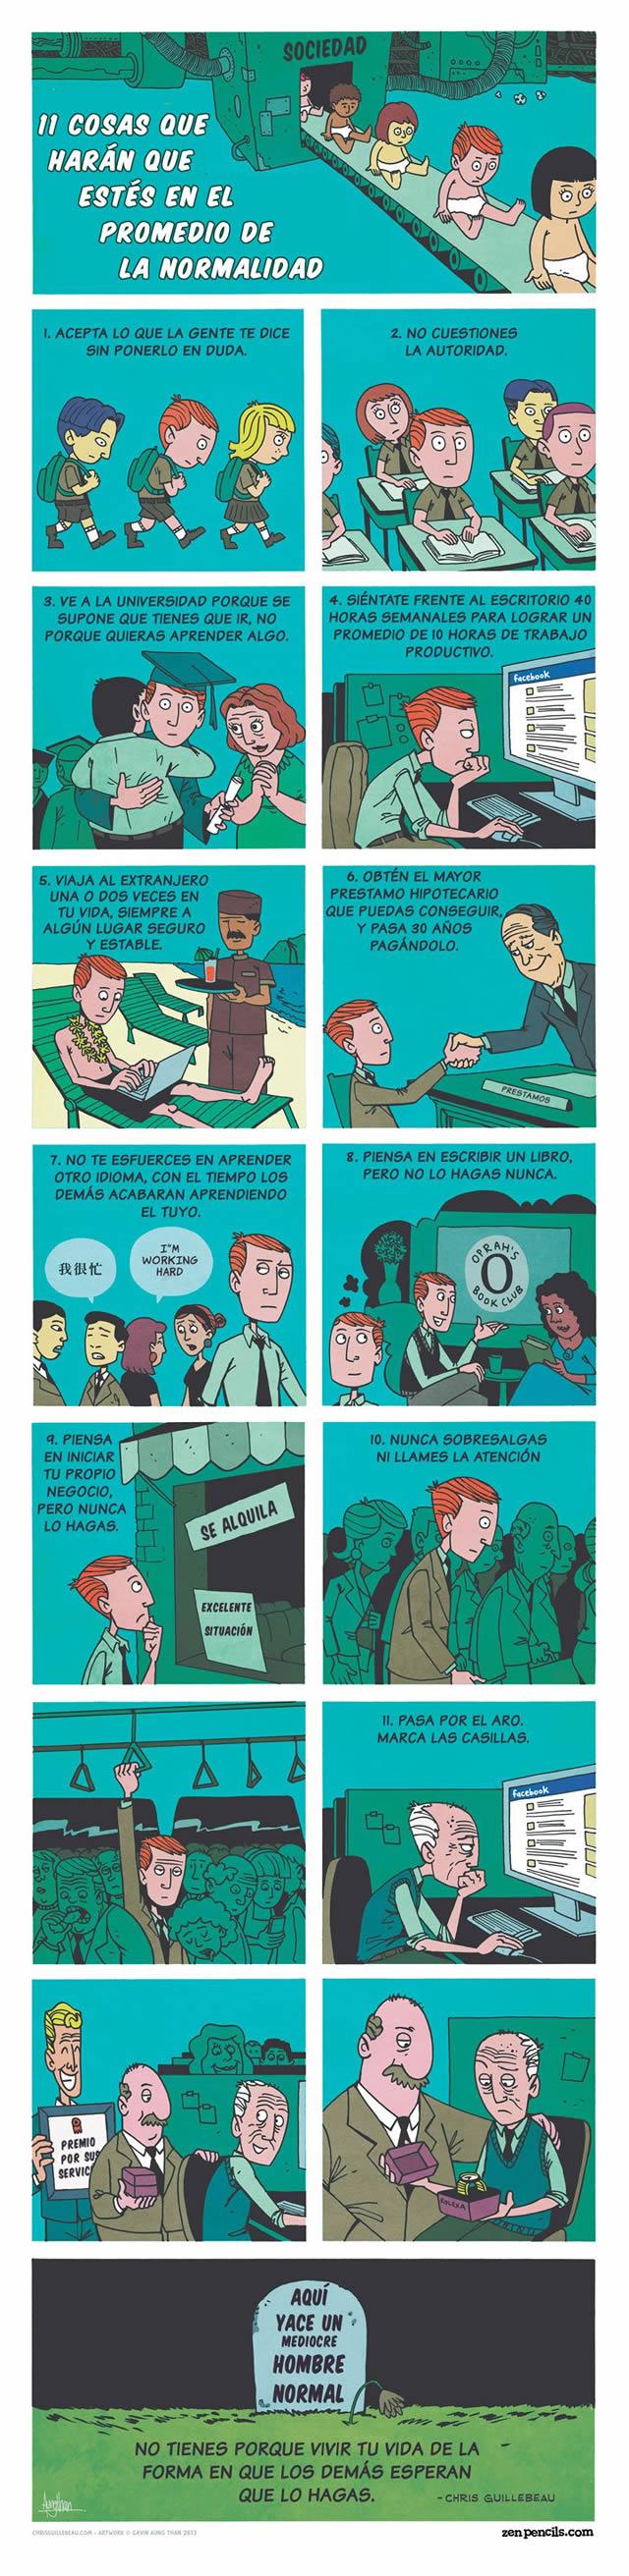 11 pasos para ser normal